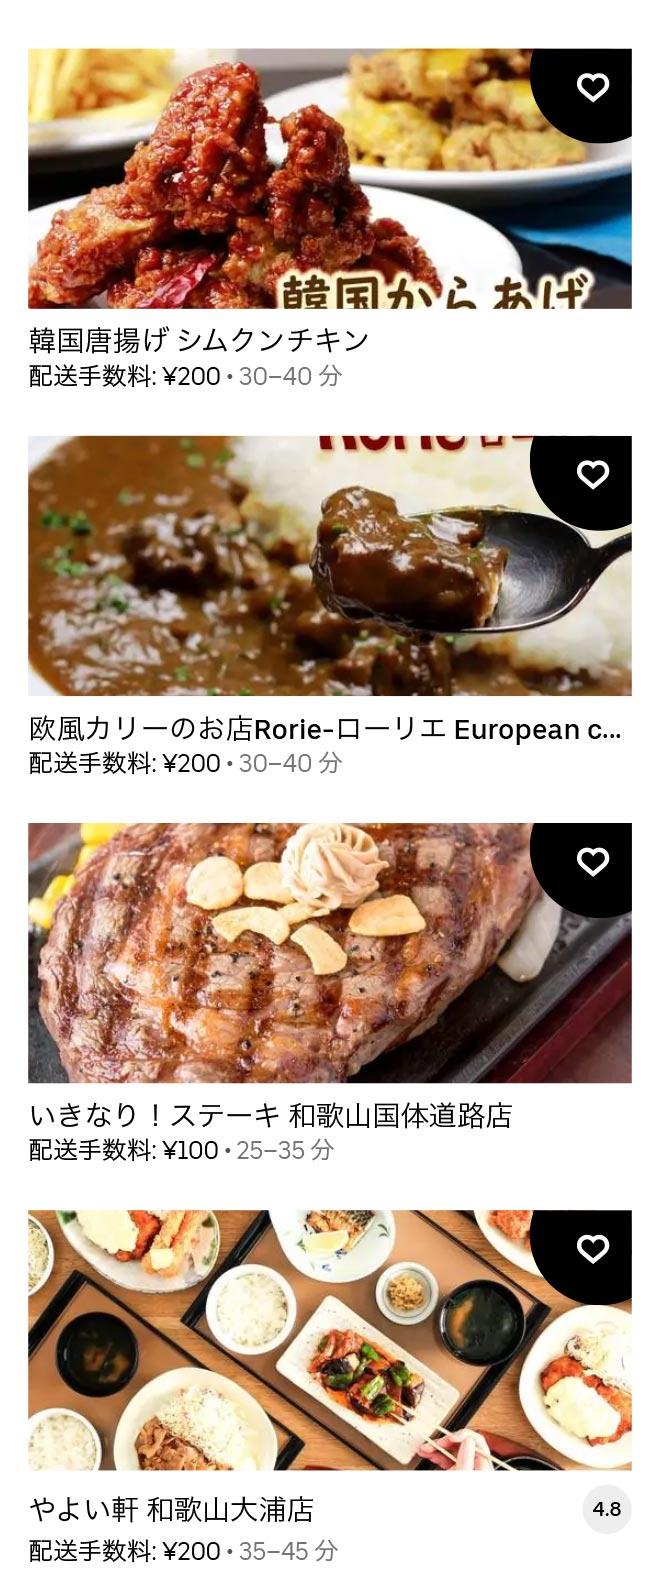 U miyamae menu 2104 12